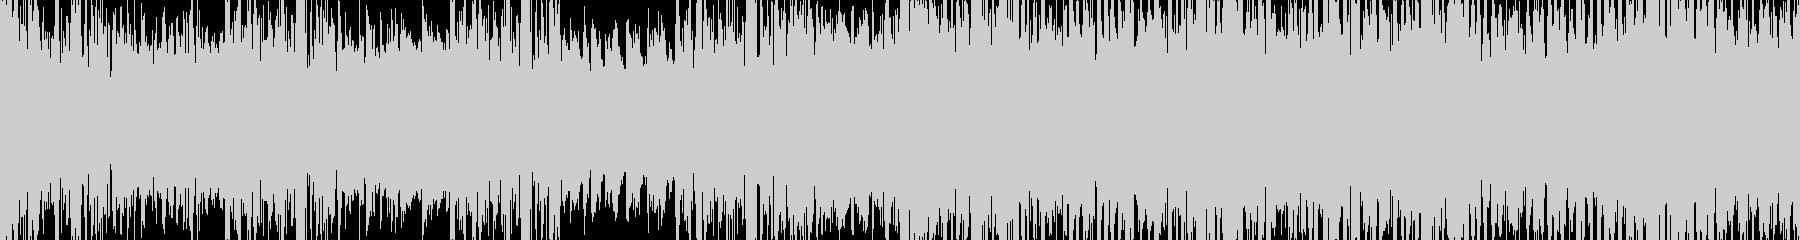 ループ対応 追われている時ドラムンベースの未再生の波形